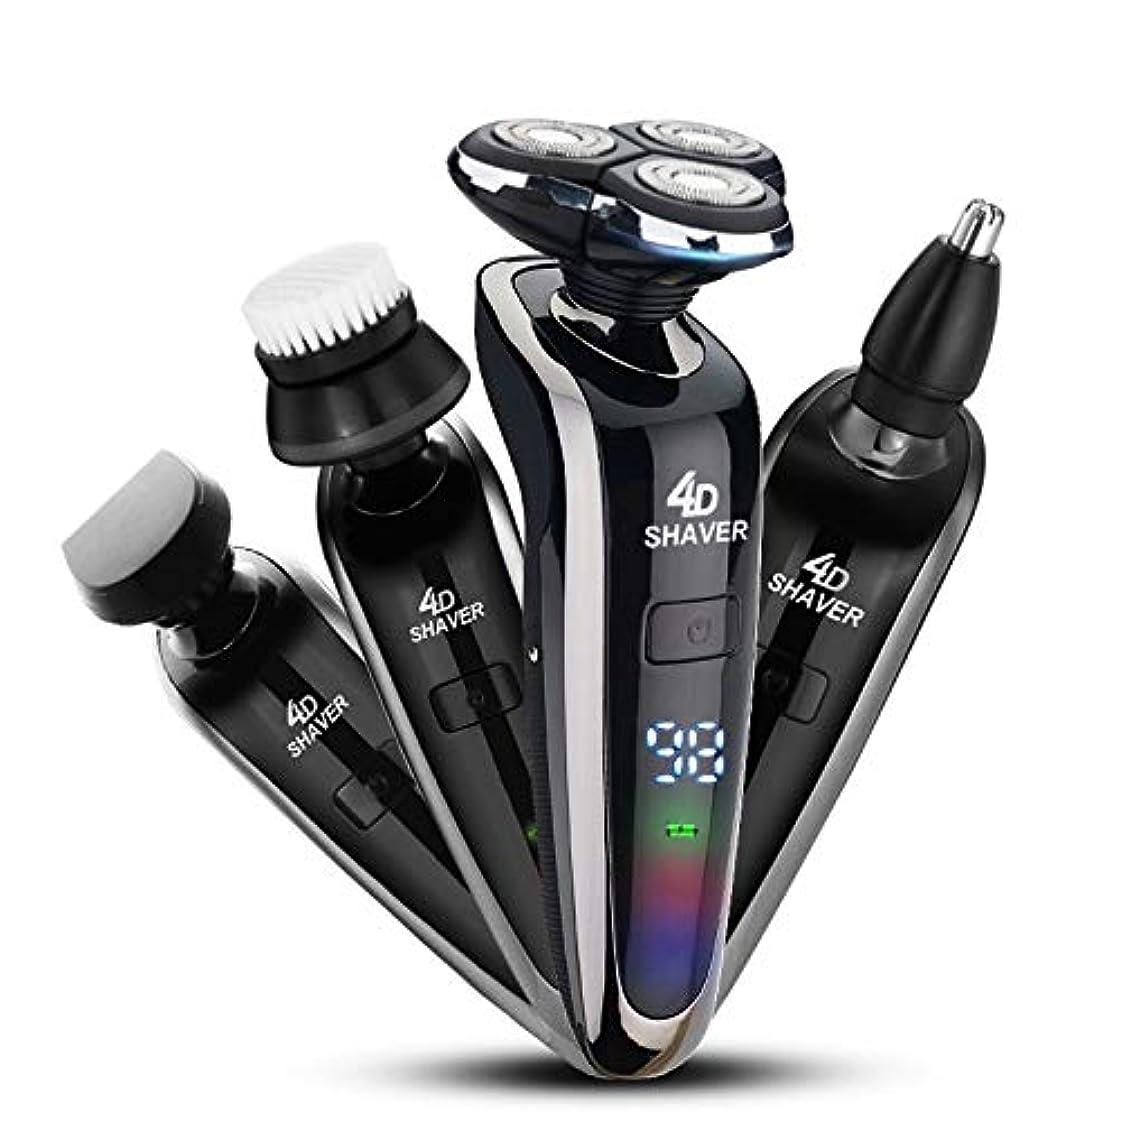 建築パンフレット広がりメンズ電気シェーバー 3枚刃 4 in 1髭剃り USB充電式 LEDディスプレイー お風呂剃り可能 トリマーと鼻毛カッター 洗顔ブラシ付き 防水仕様IPX基準 本体丸洗い可能